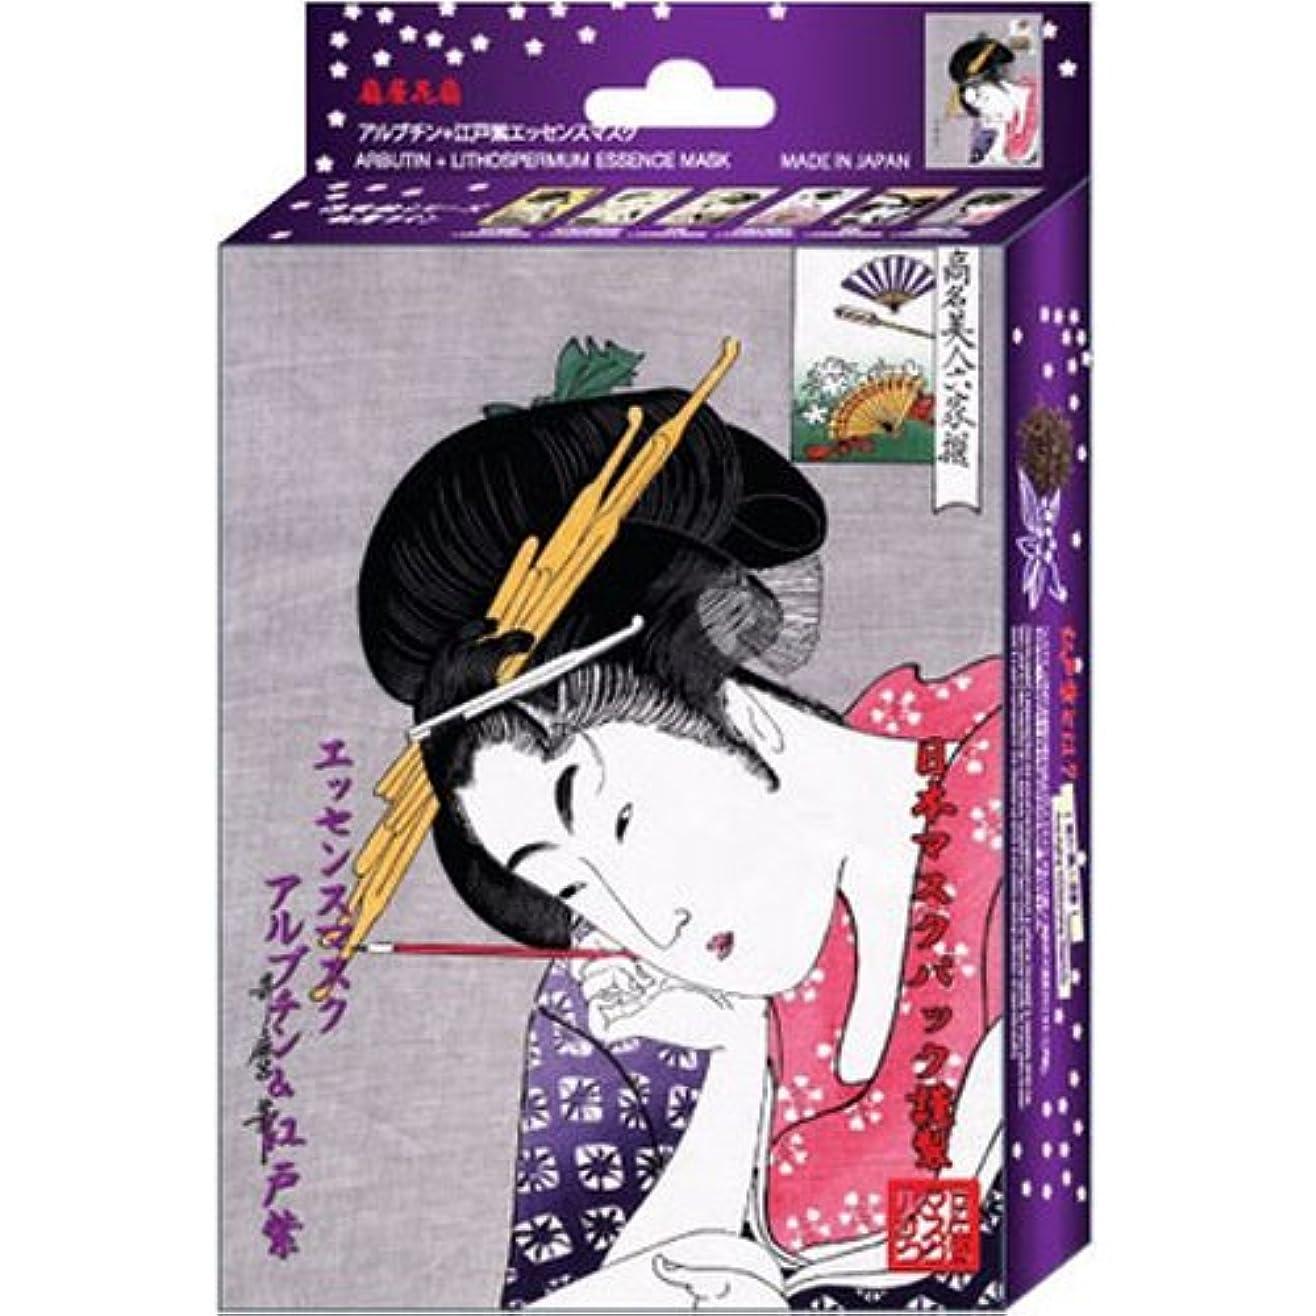 腐敗七面鳥人道的浮世絵シリーズ 歌麿ライン エッセンスマスク アルブチン+江戸紫 (10枚入)